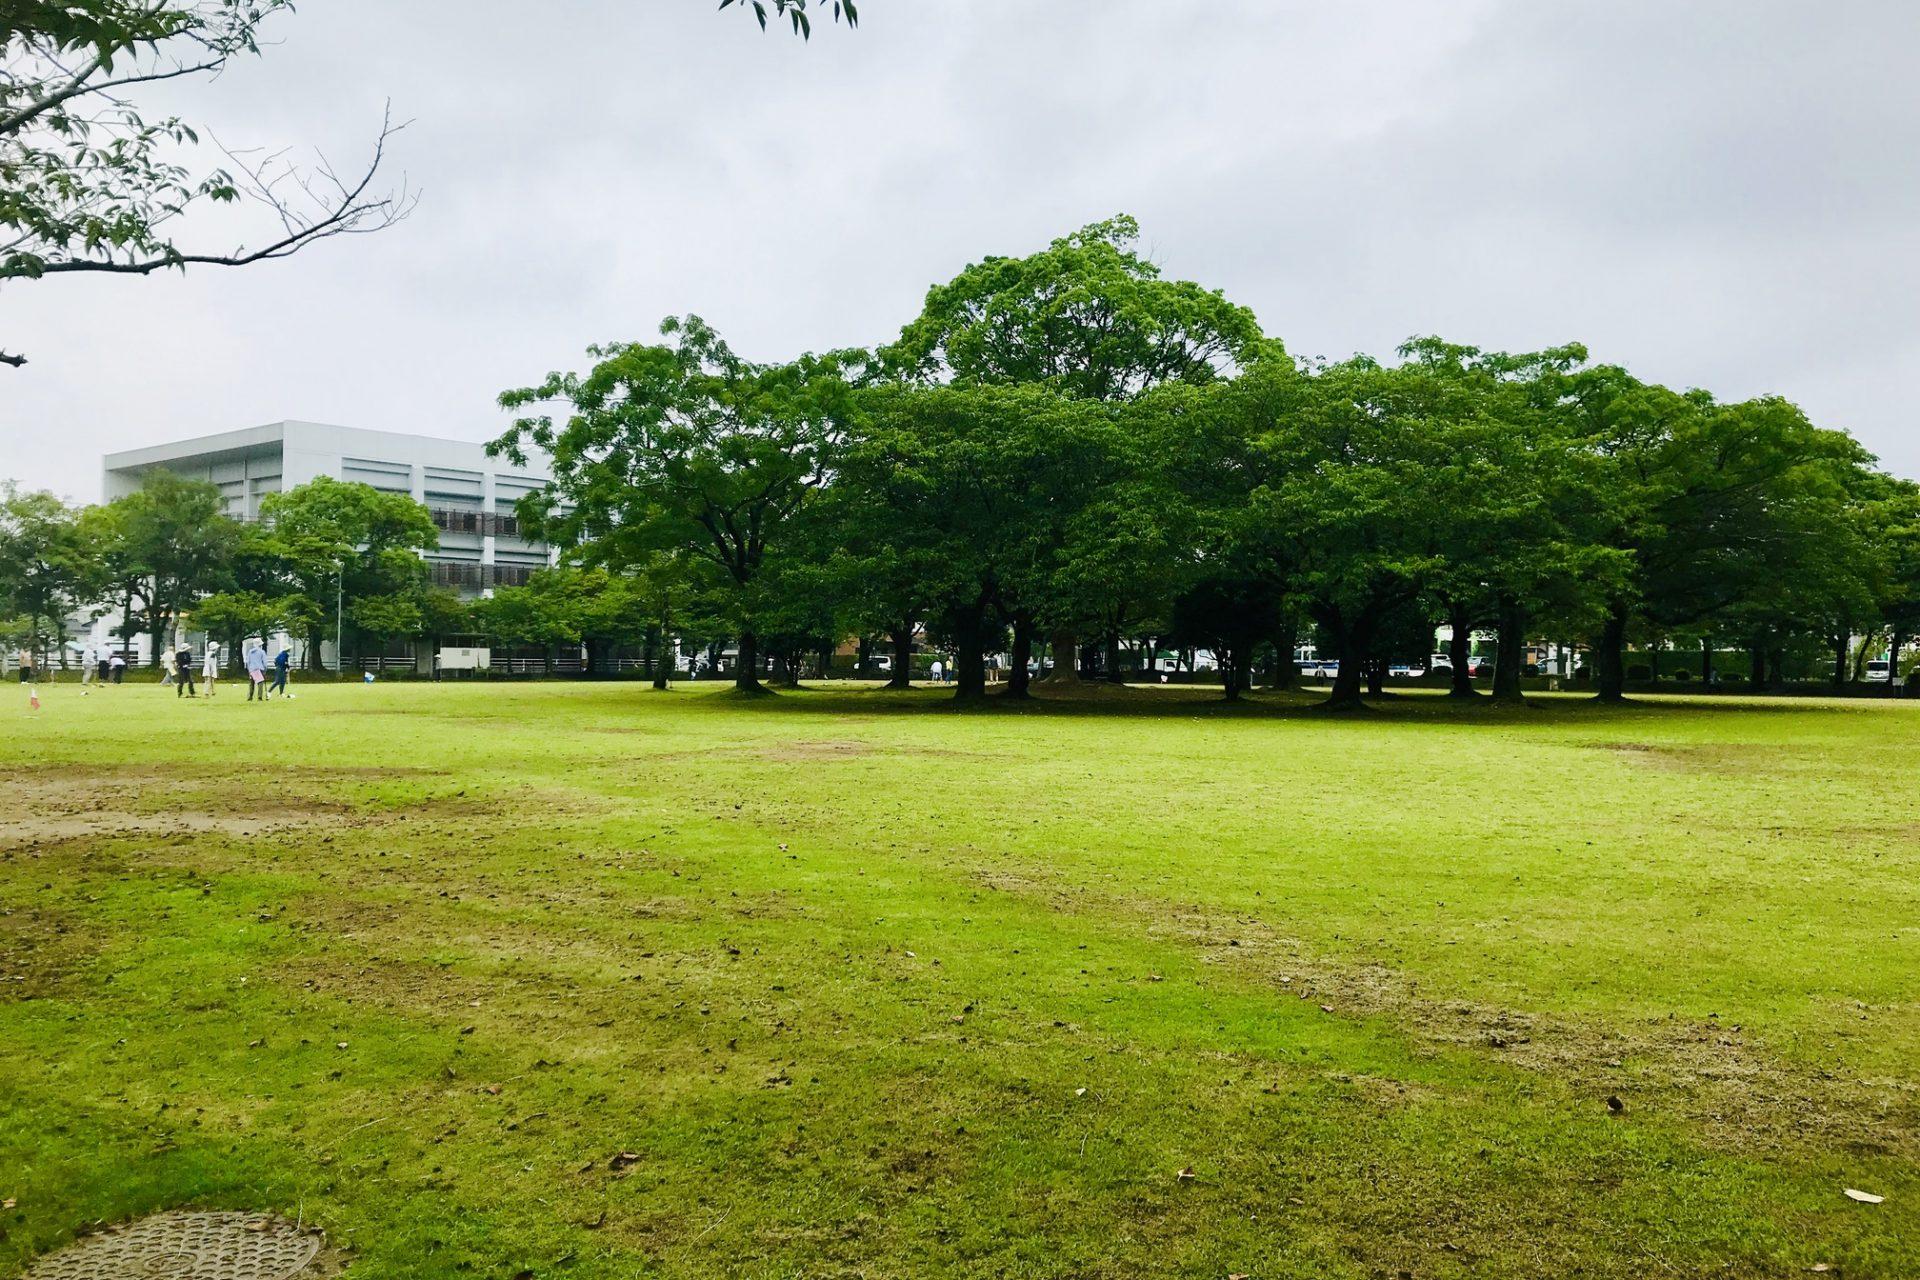 宮崎中央公園 宮崎駅 大淀川 橘公園 ウォーキング コース さるく